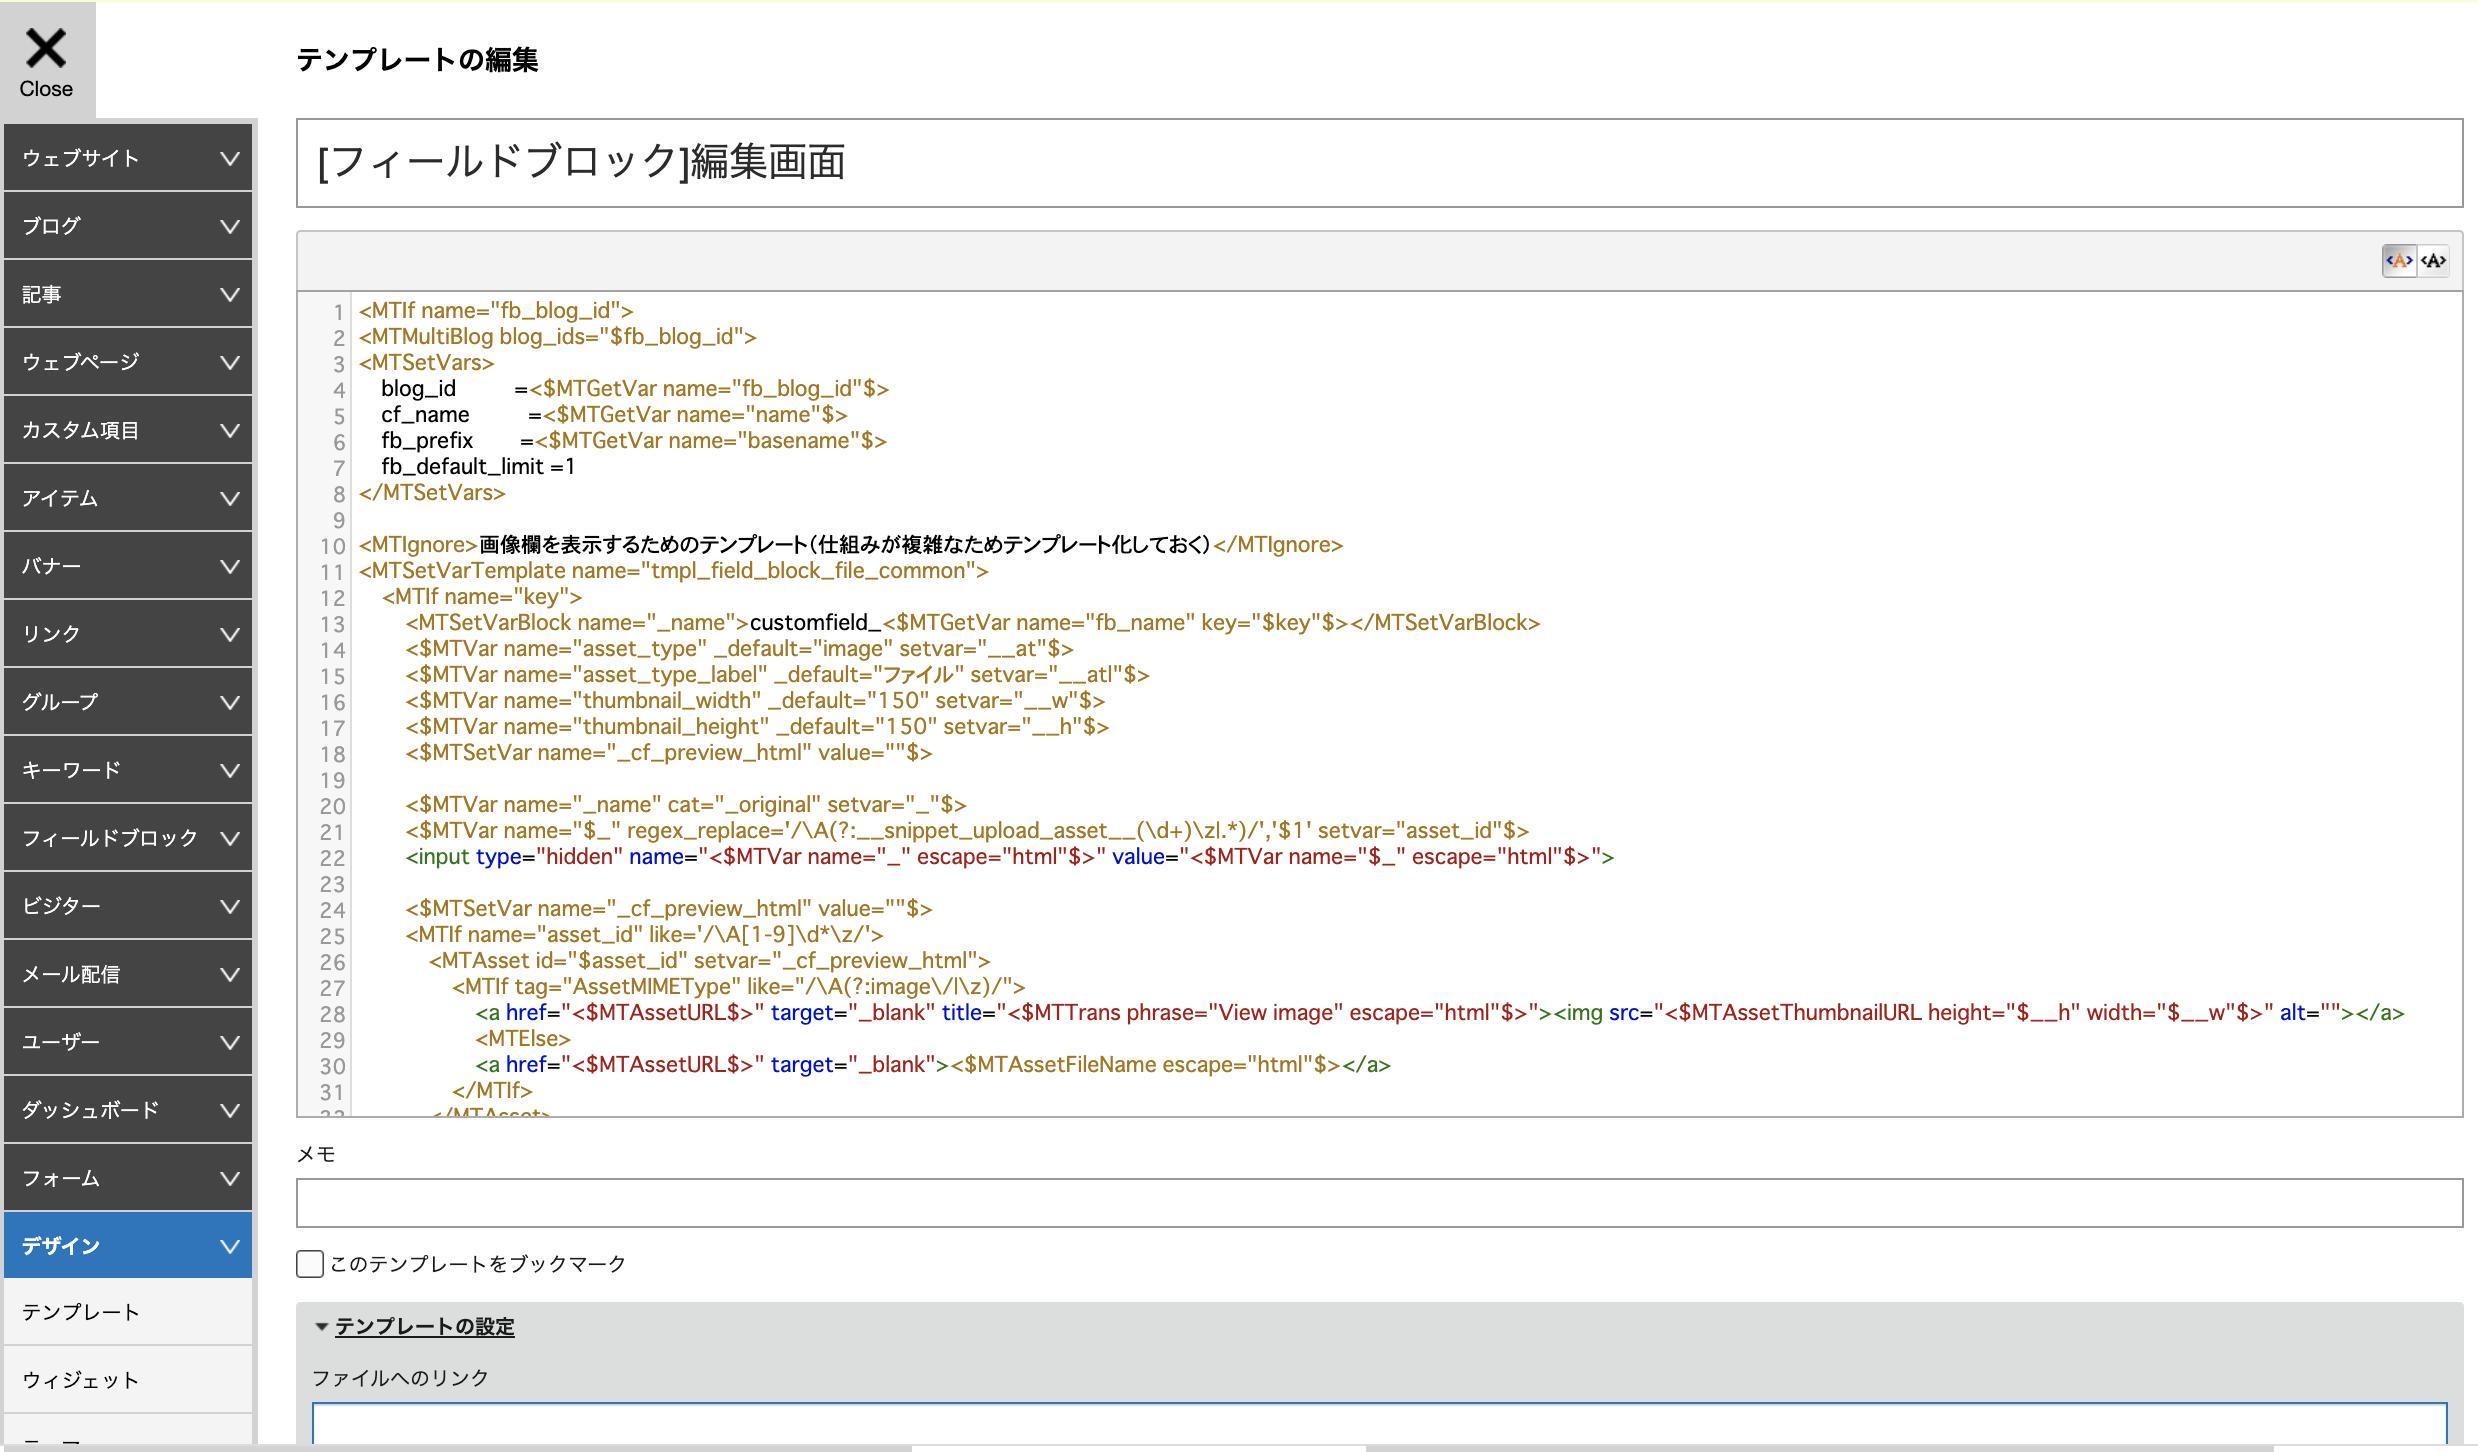 スクリーンショット 2020-06-23 13.09.10.jpeg